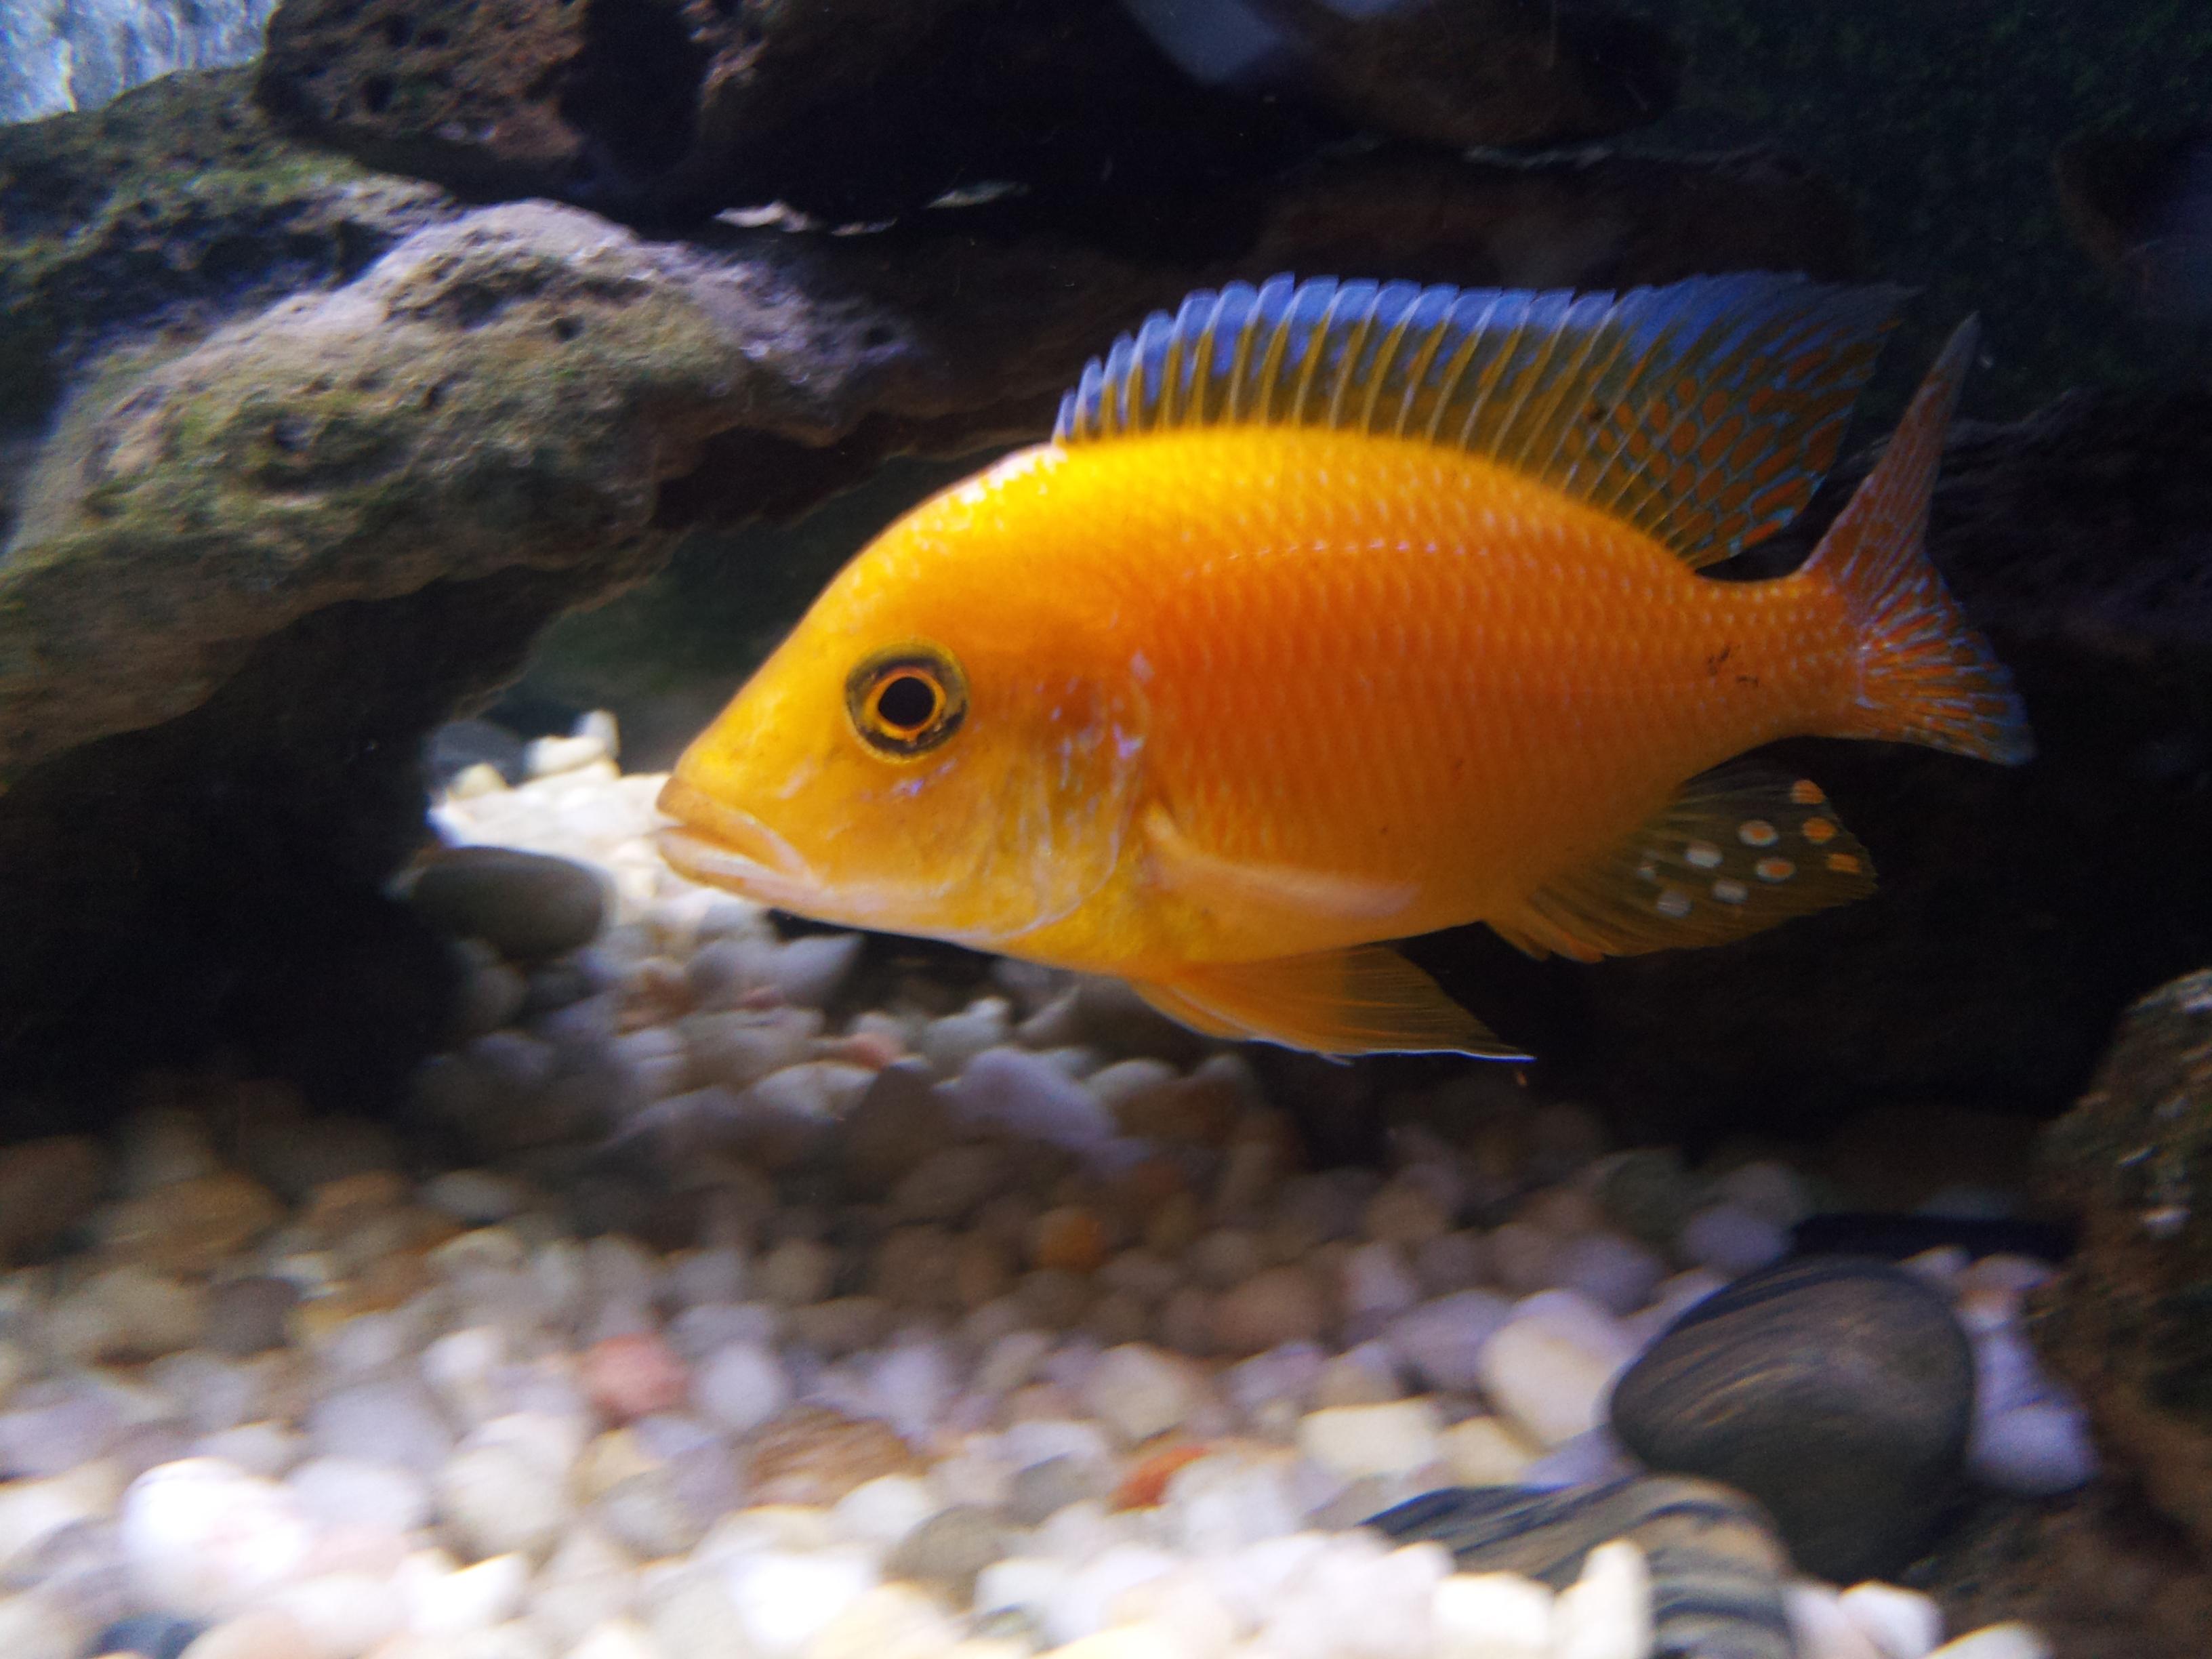 cichlids.com: golden peacock